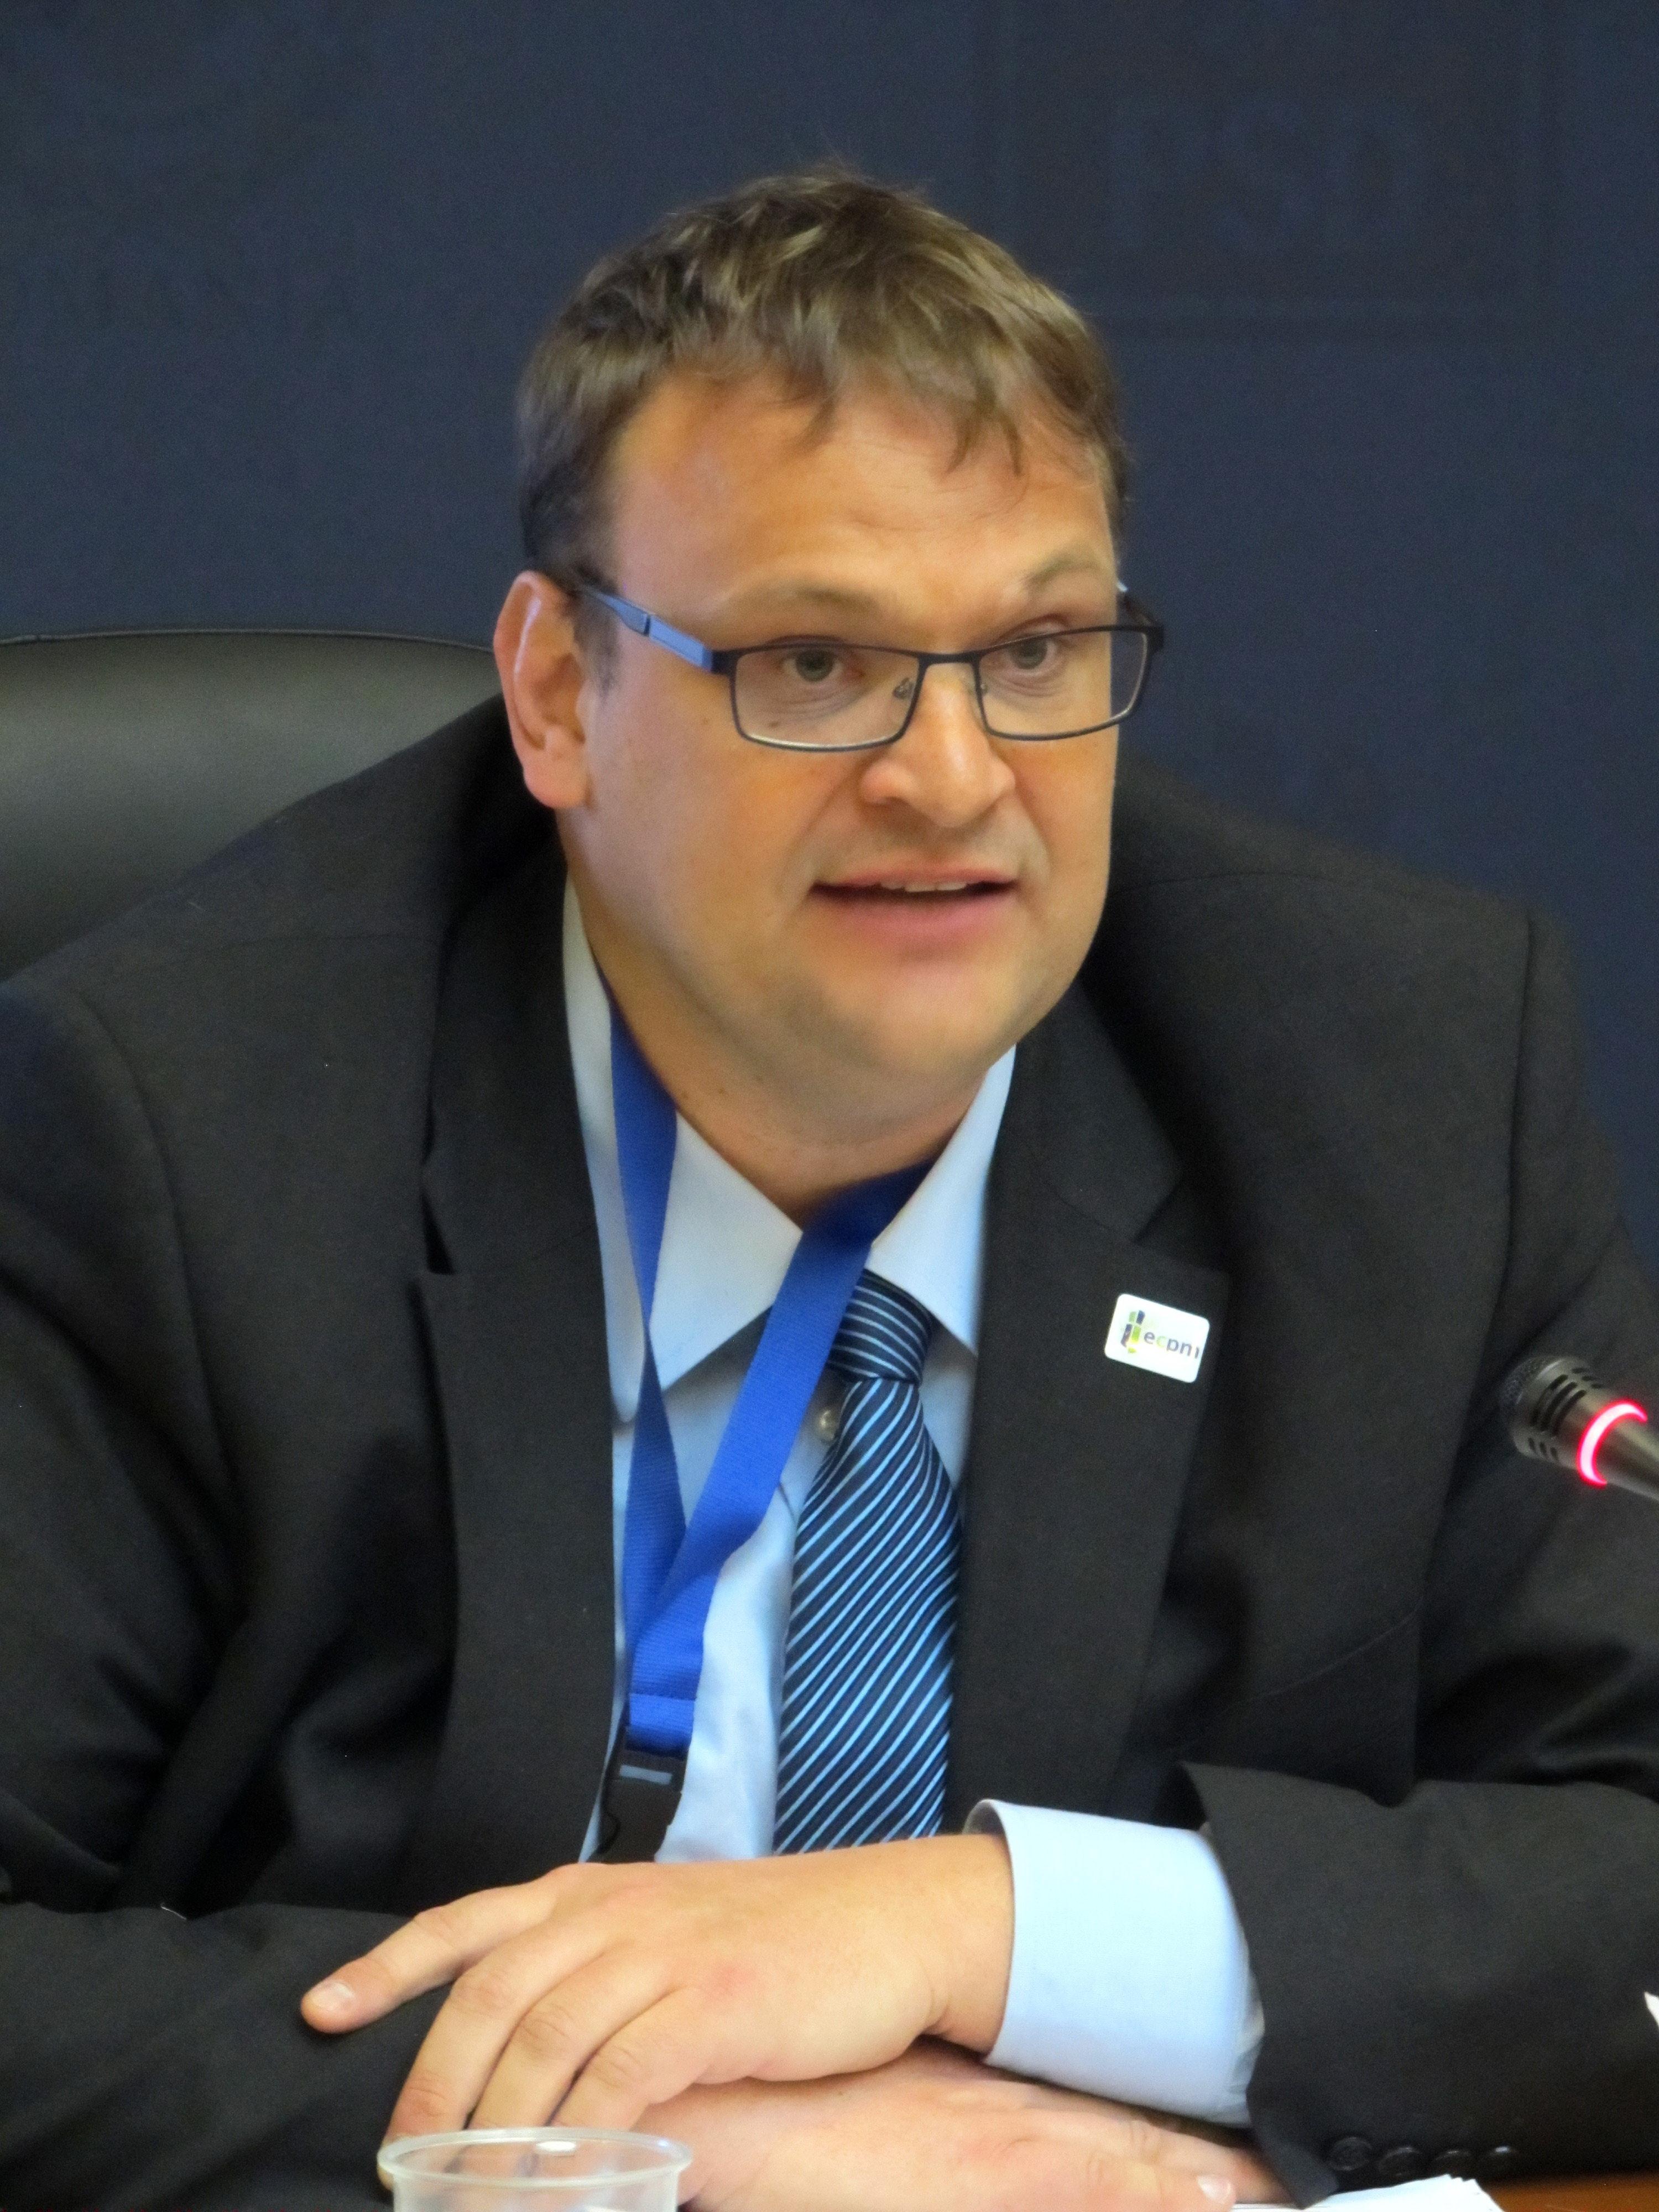 Photo of Leo van Doesburg, ECPM: Majoritatea prostituatelor se prostituează fără a dori aceasta, iar legalizarea prostituției și extinderea UE au dus la creșterea traficului de persoane – cele mai multe victime, din România